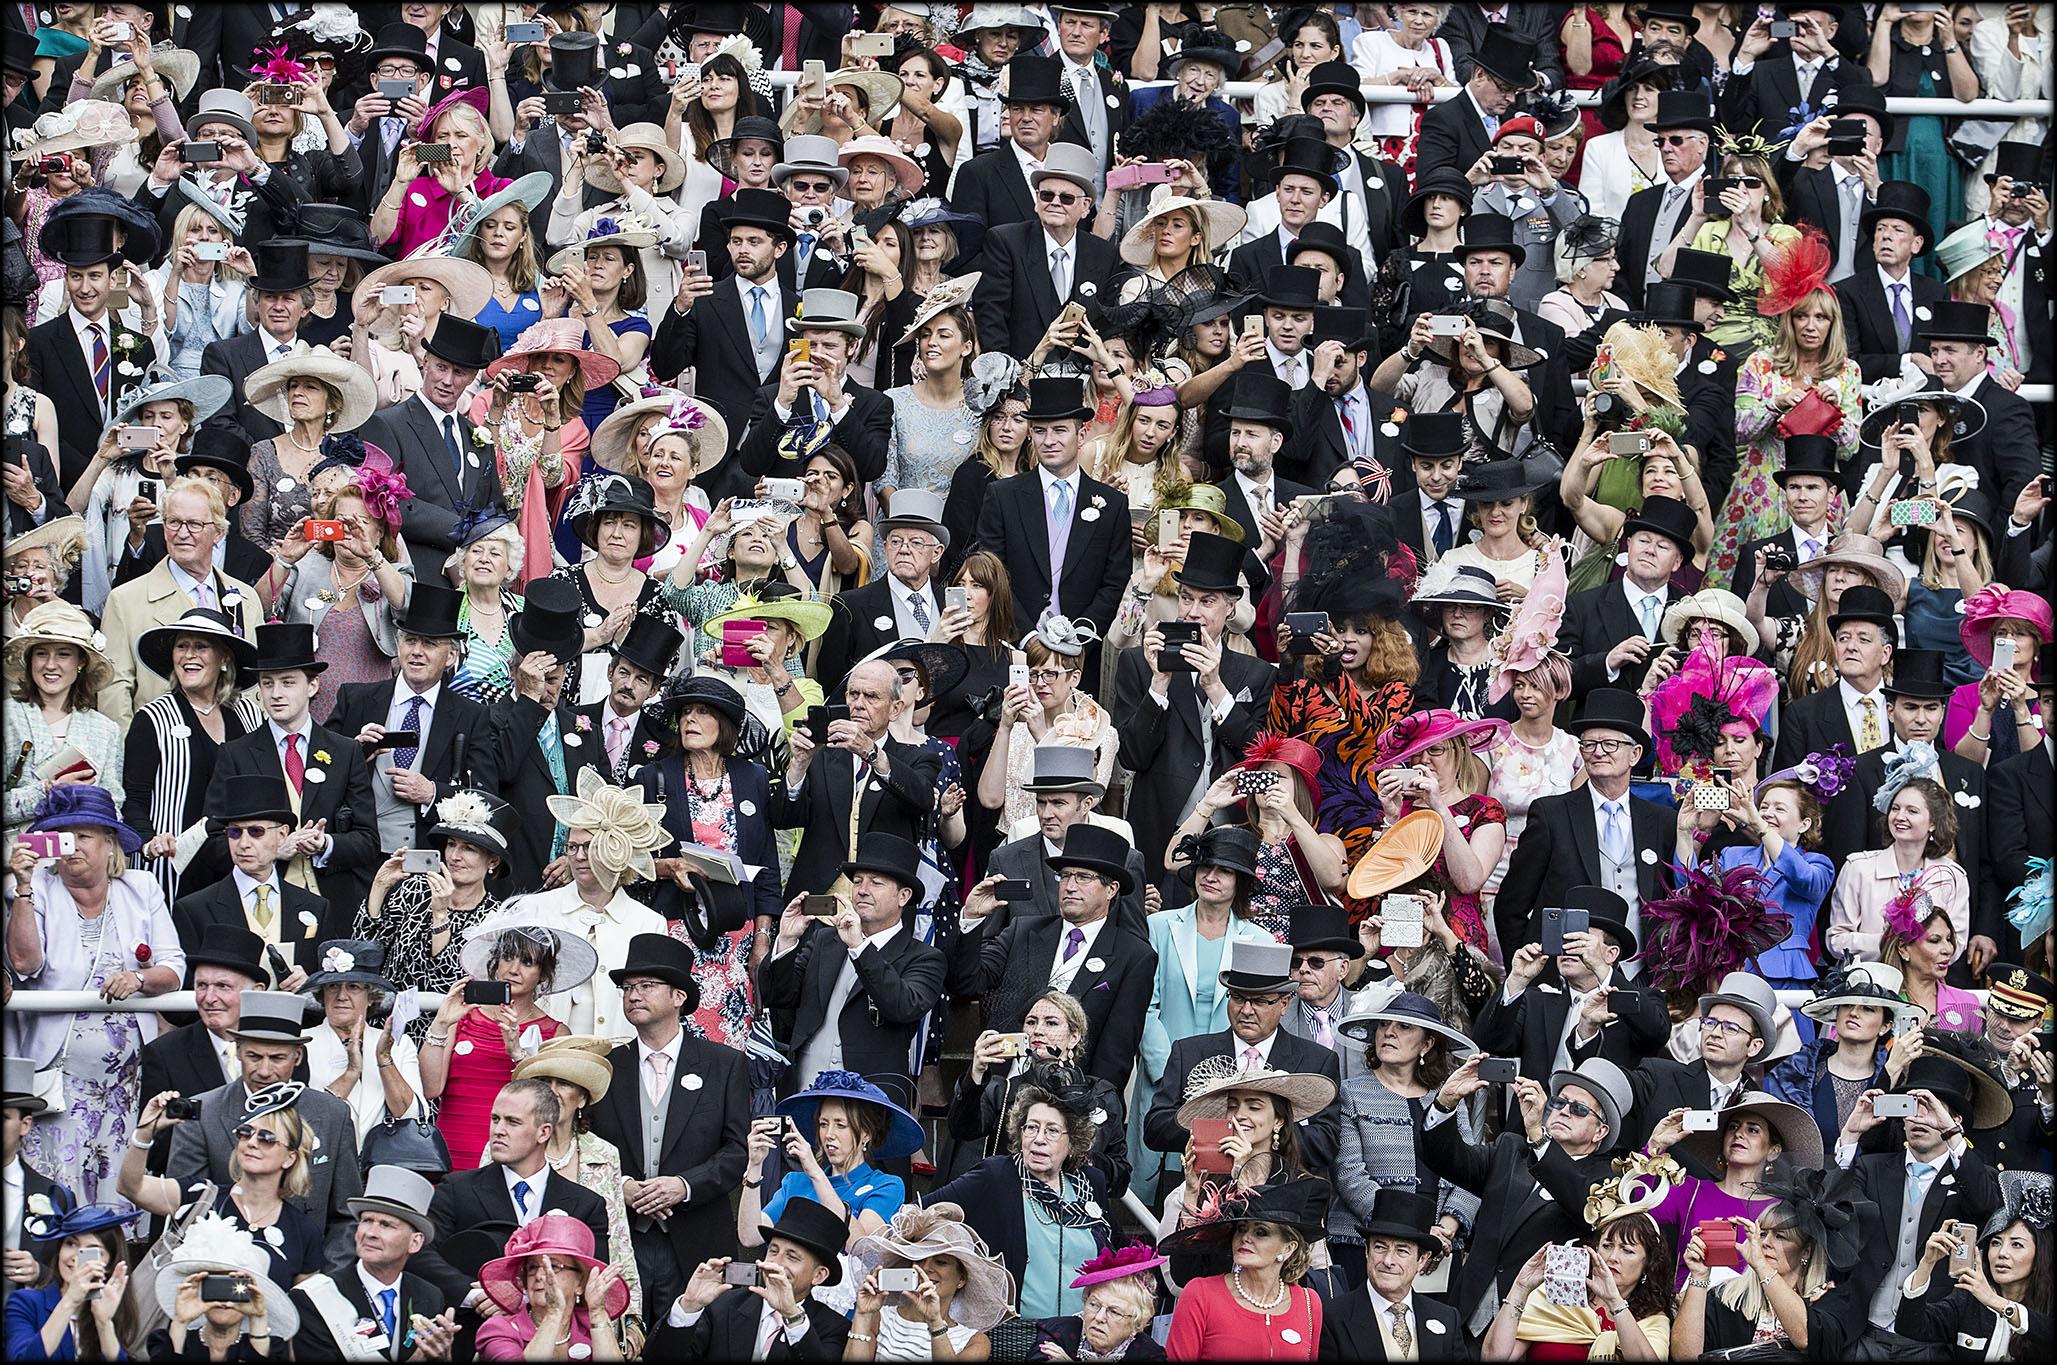 royal ascot crowd 2016